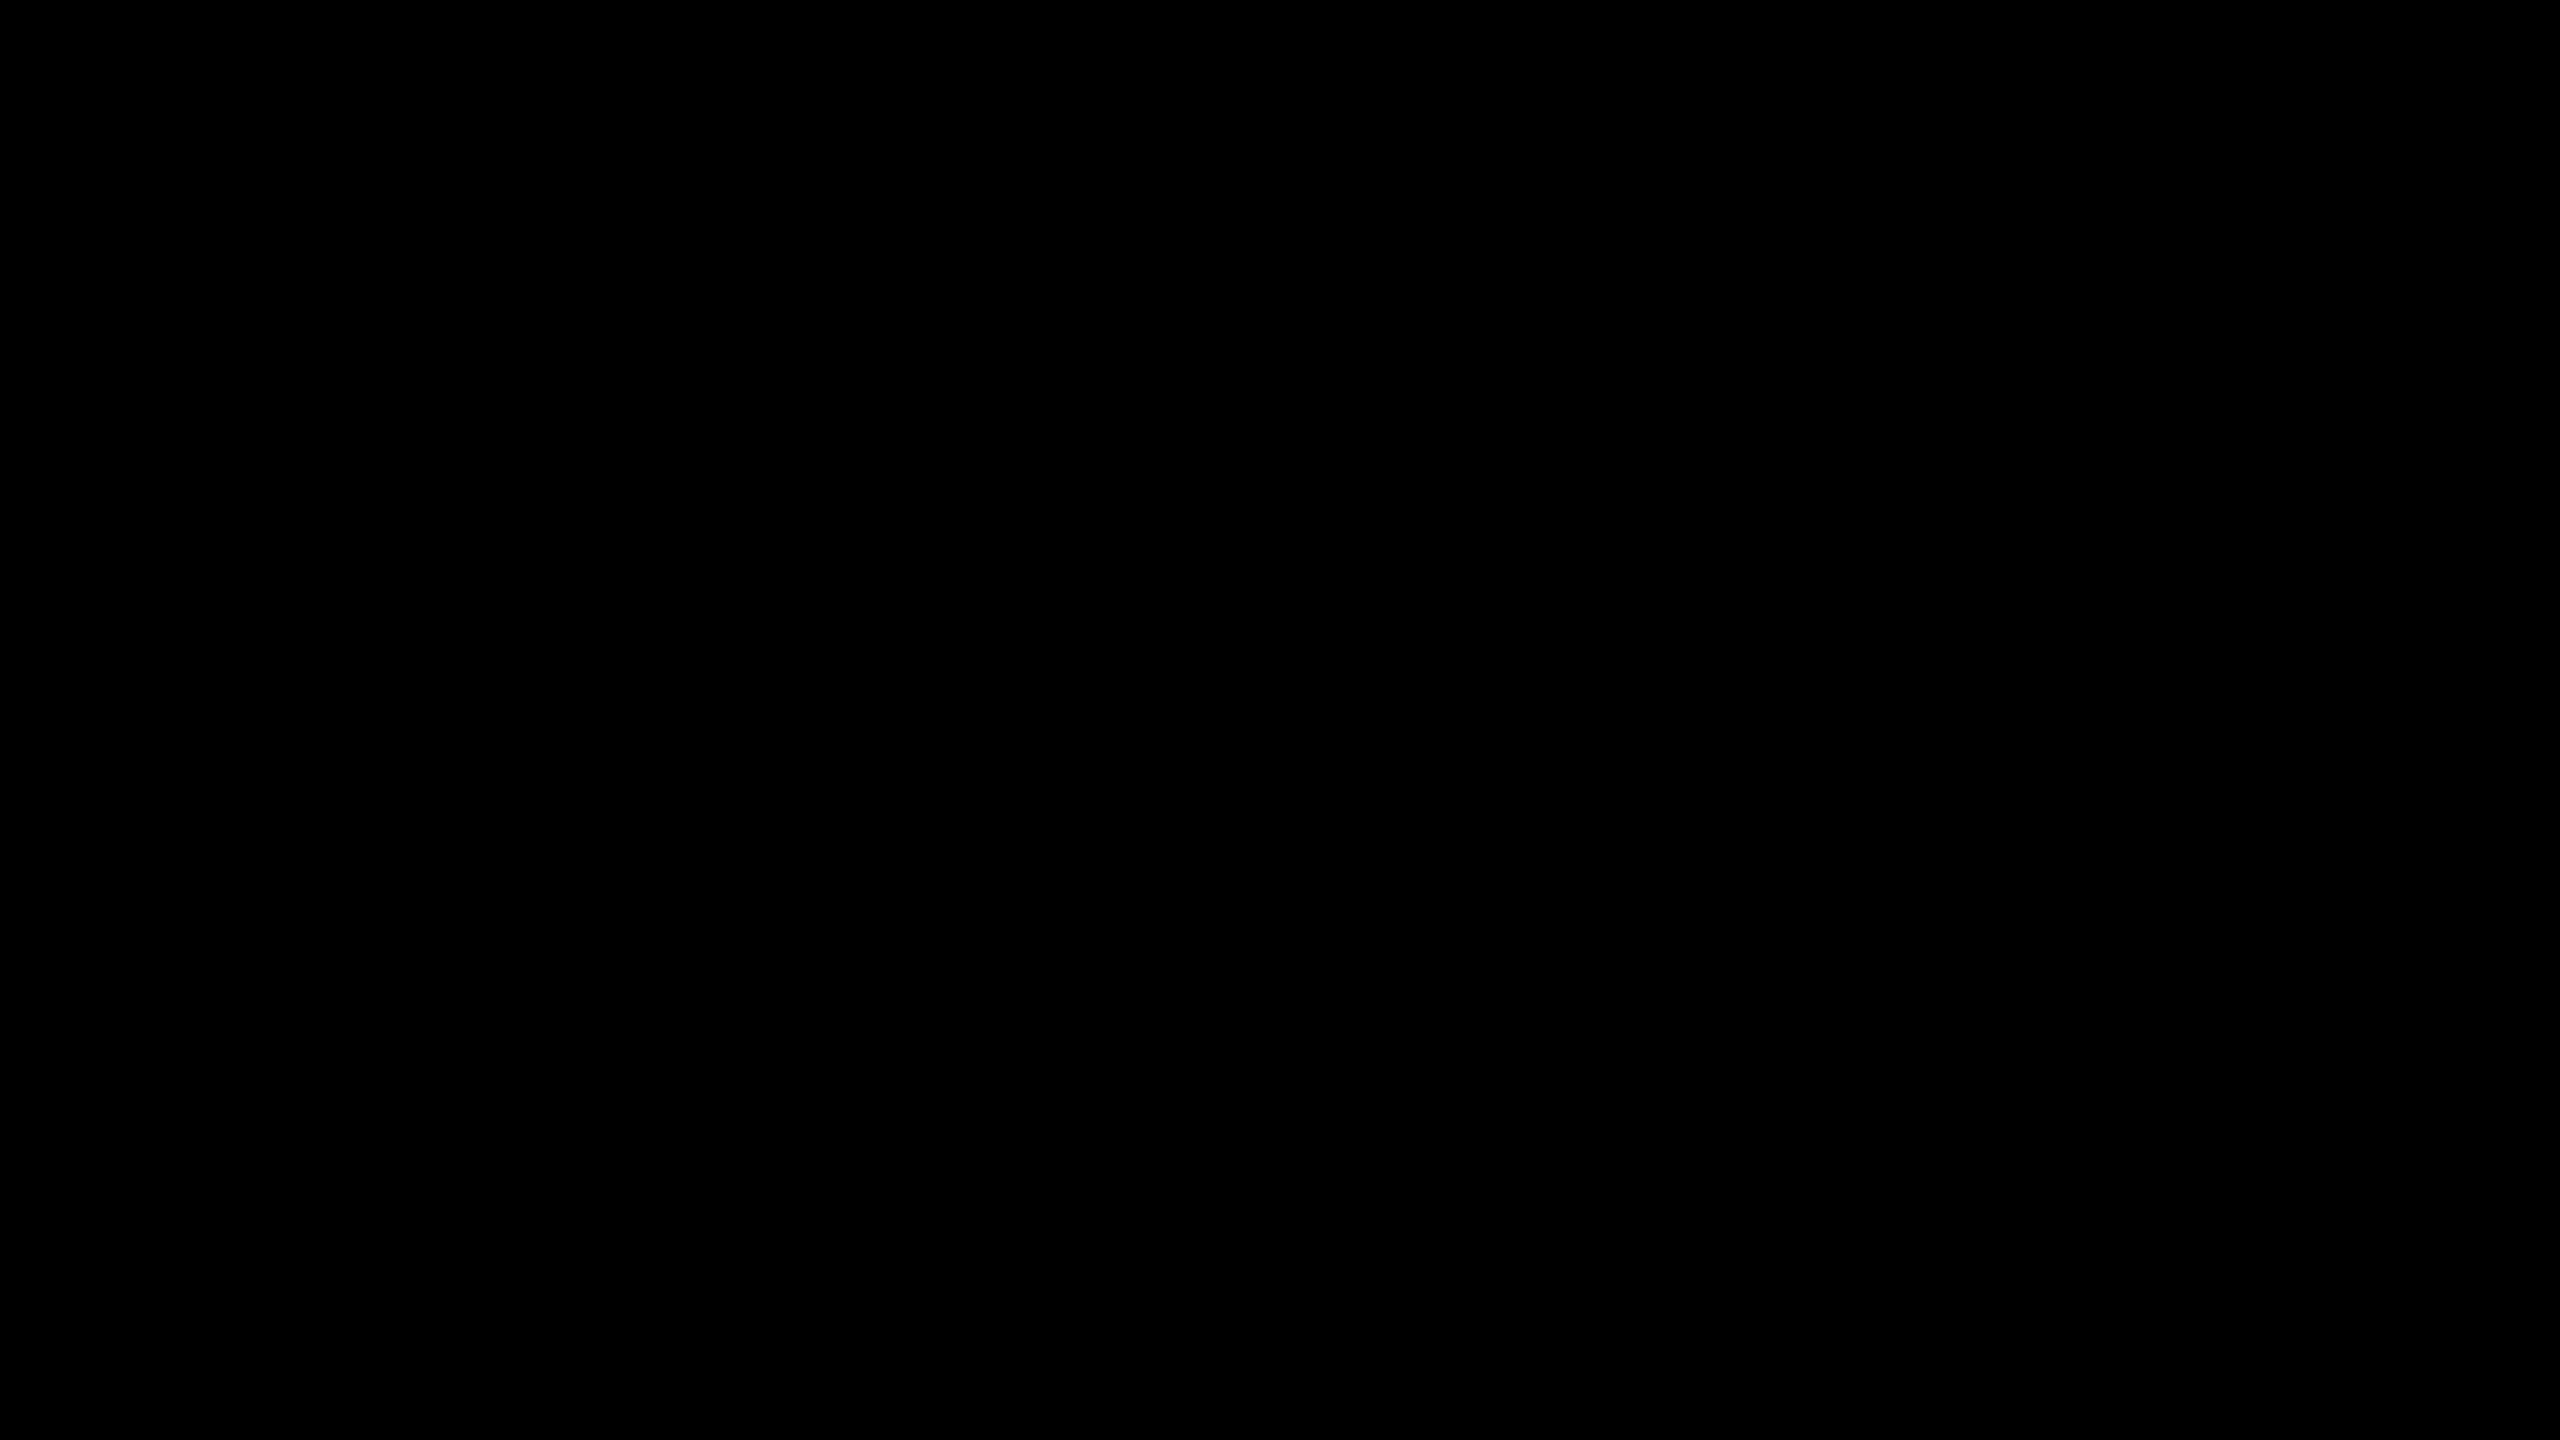 Far Cry 5 has pretty realistic traffic GIFs